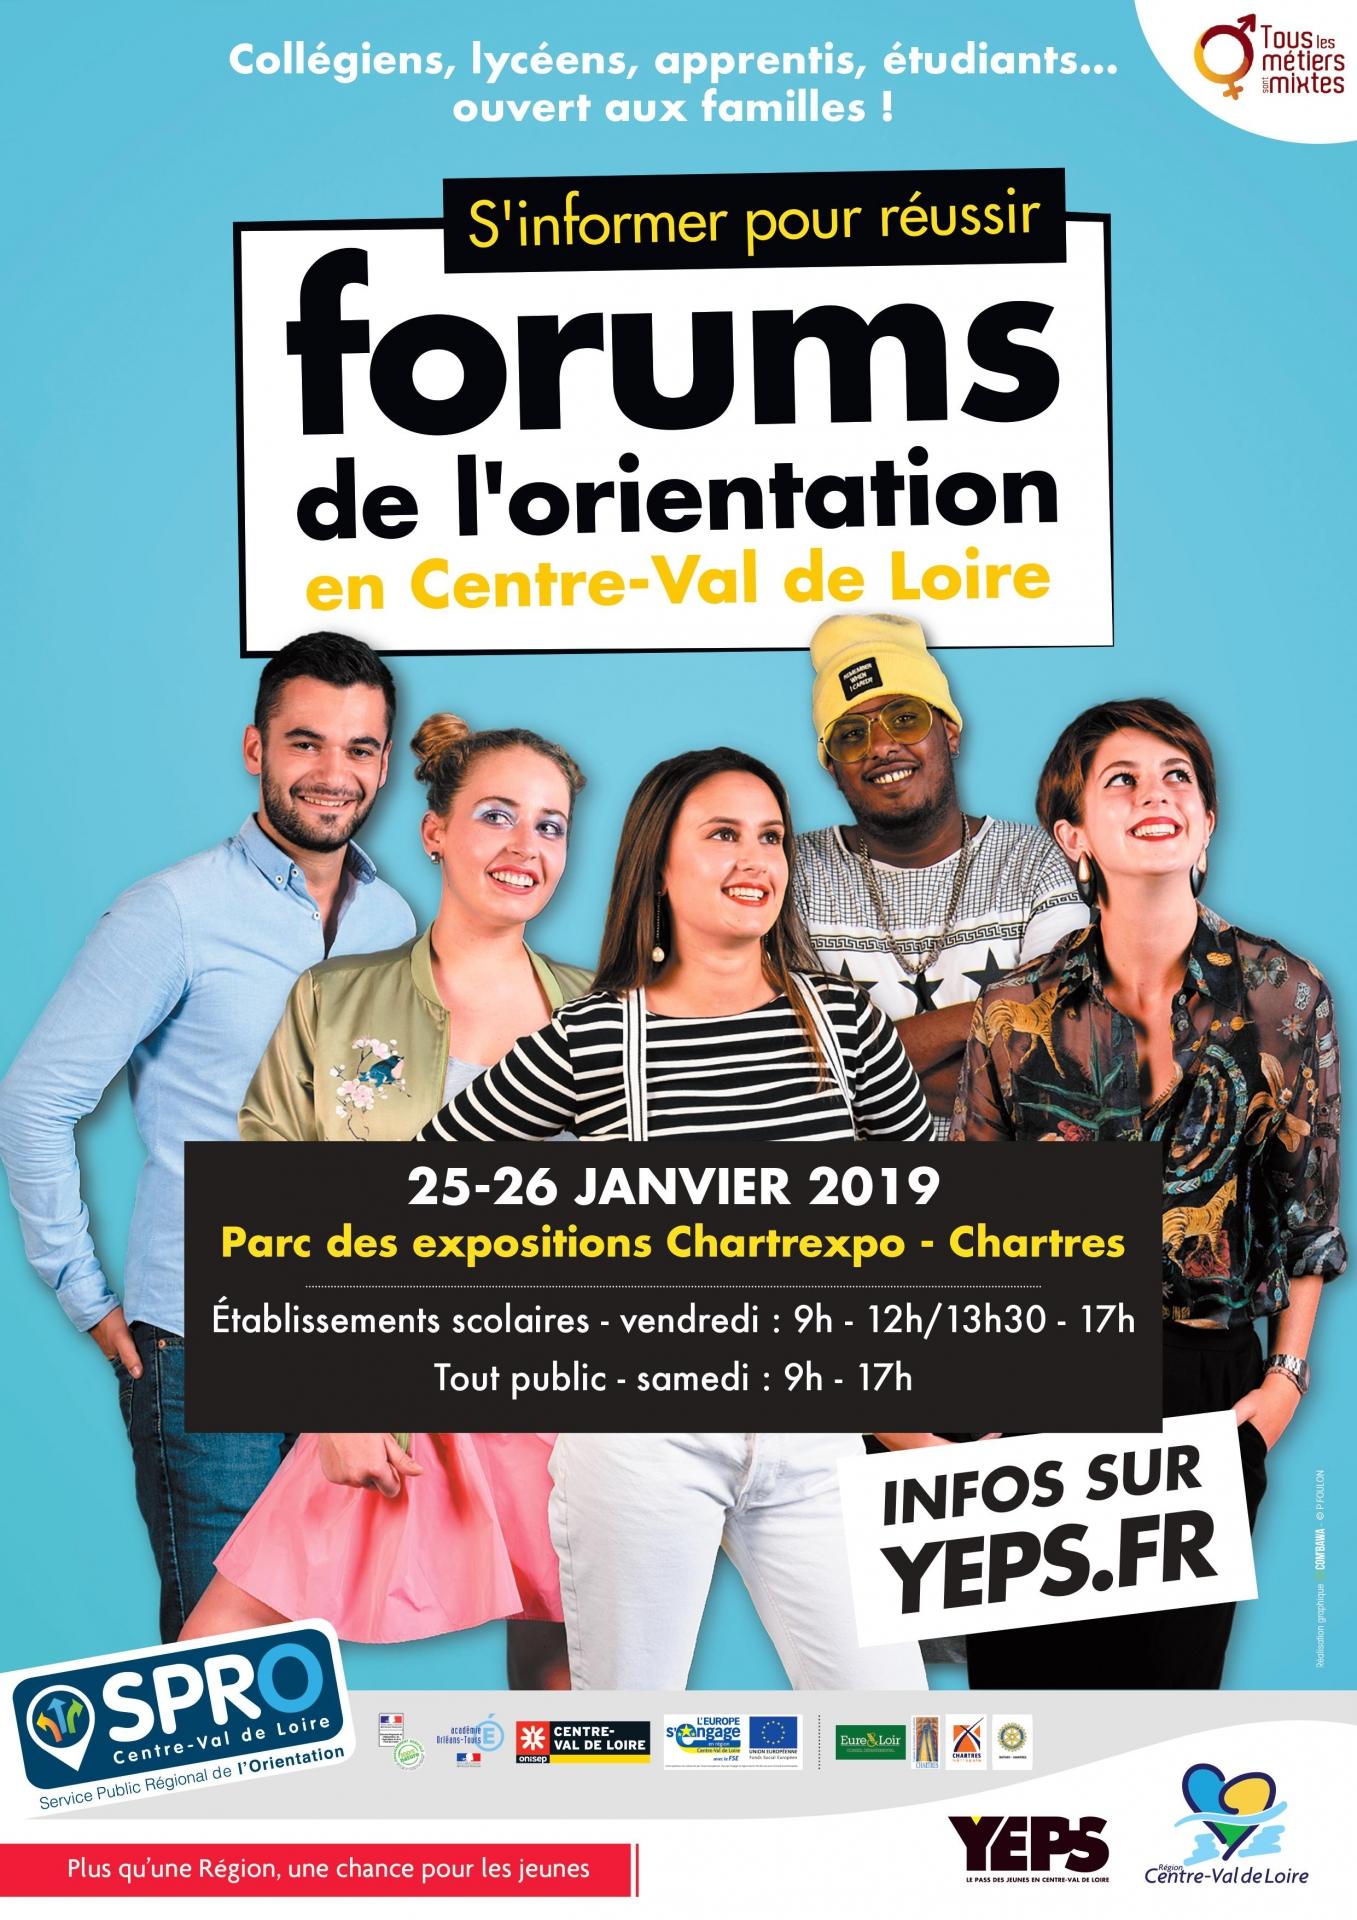 forum-de-l'orientation-2019